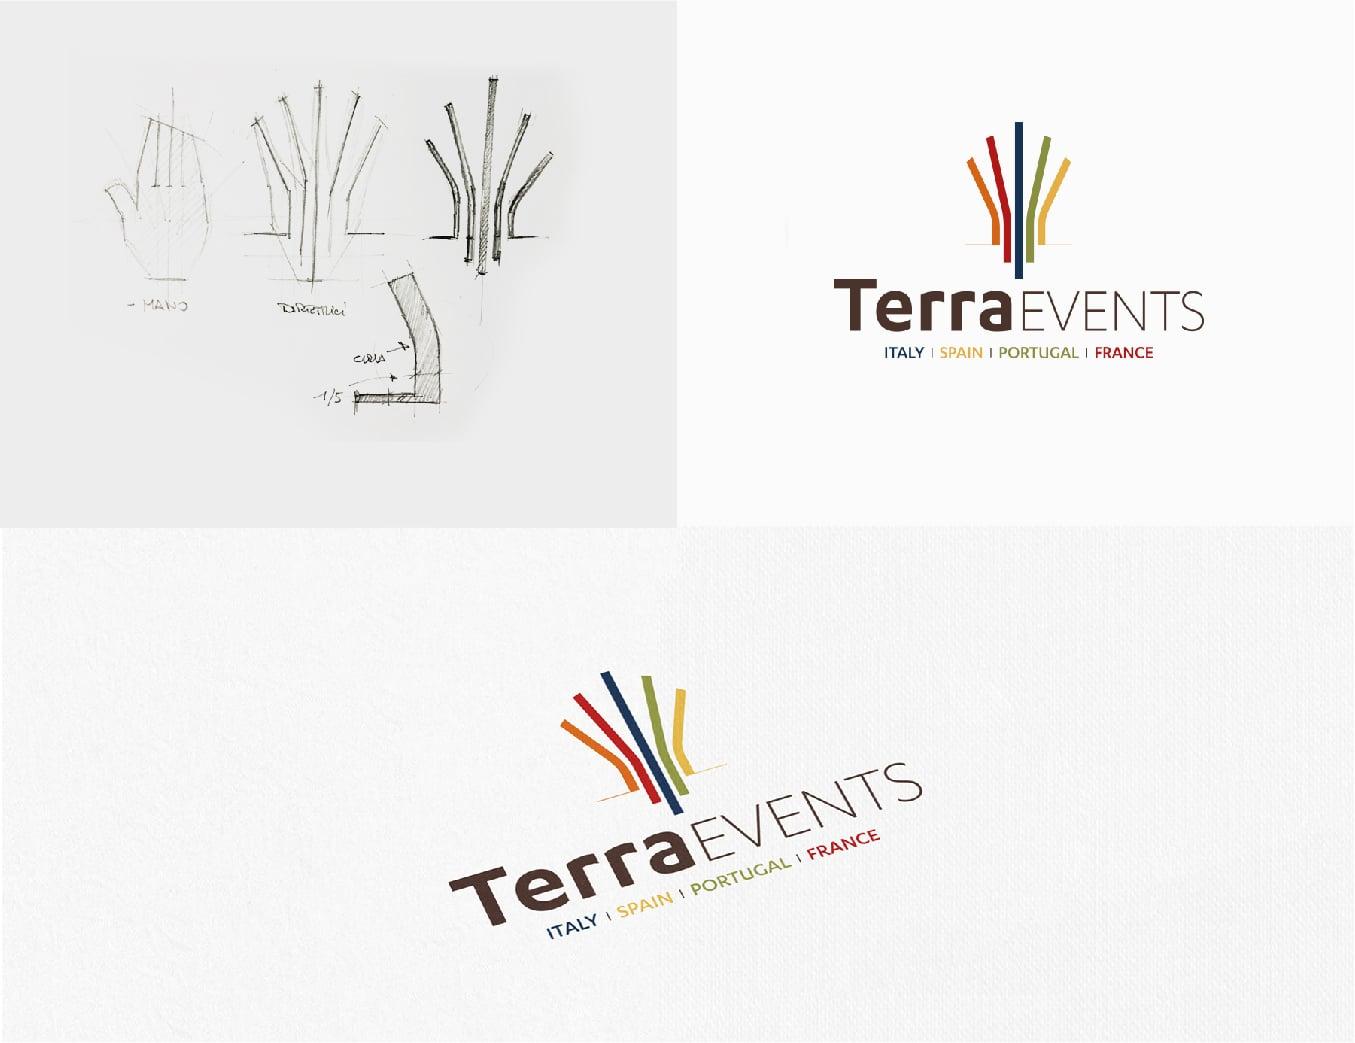 Terra Events